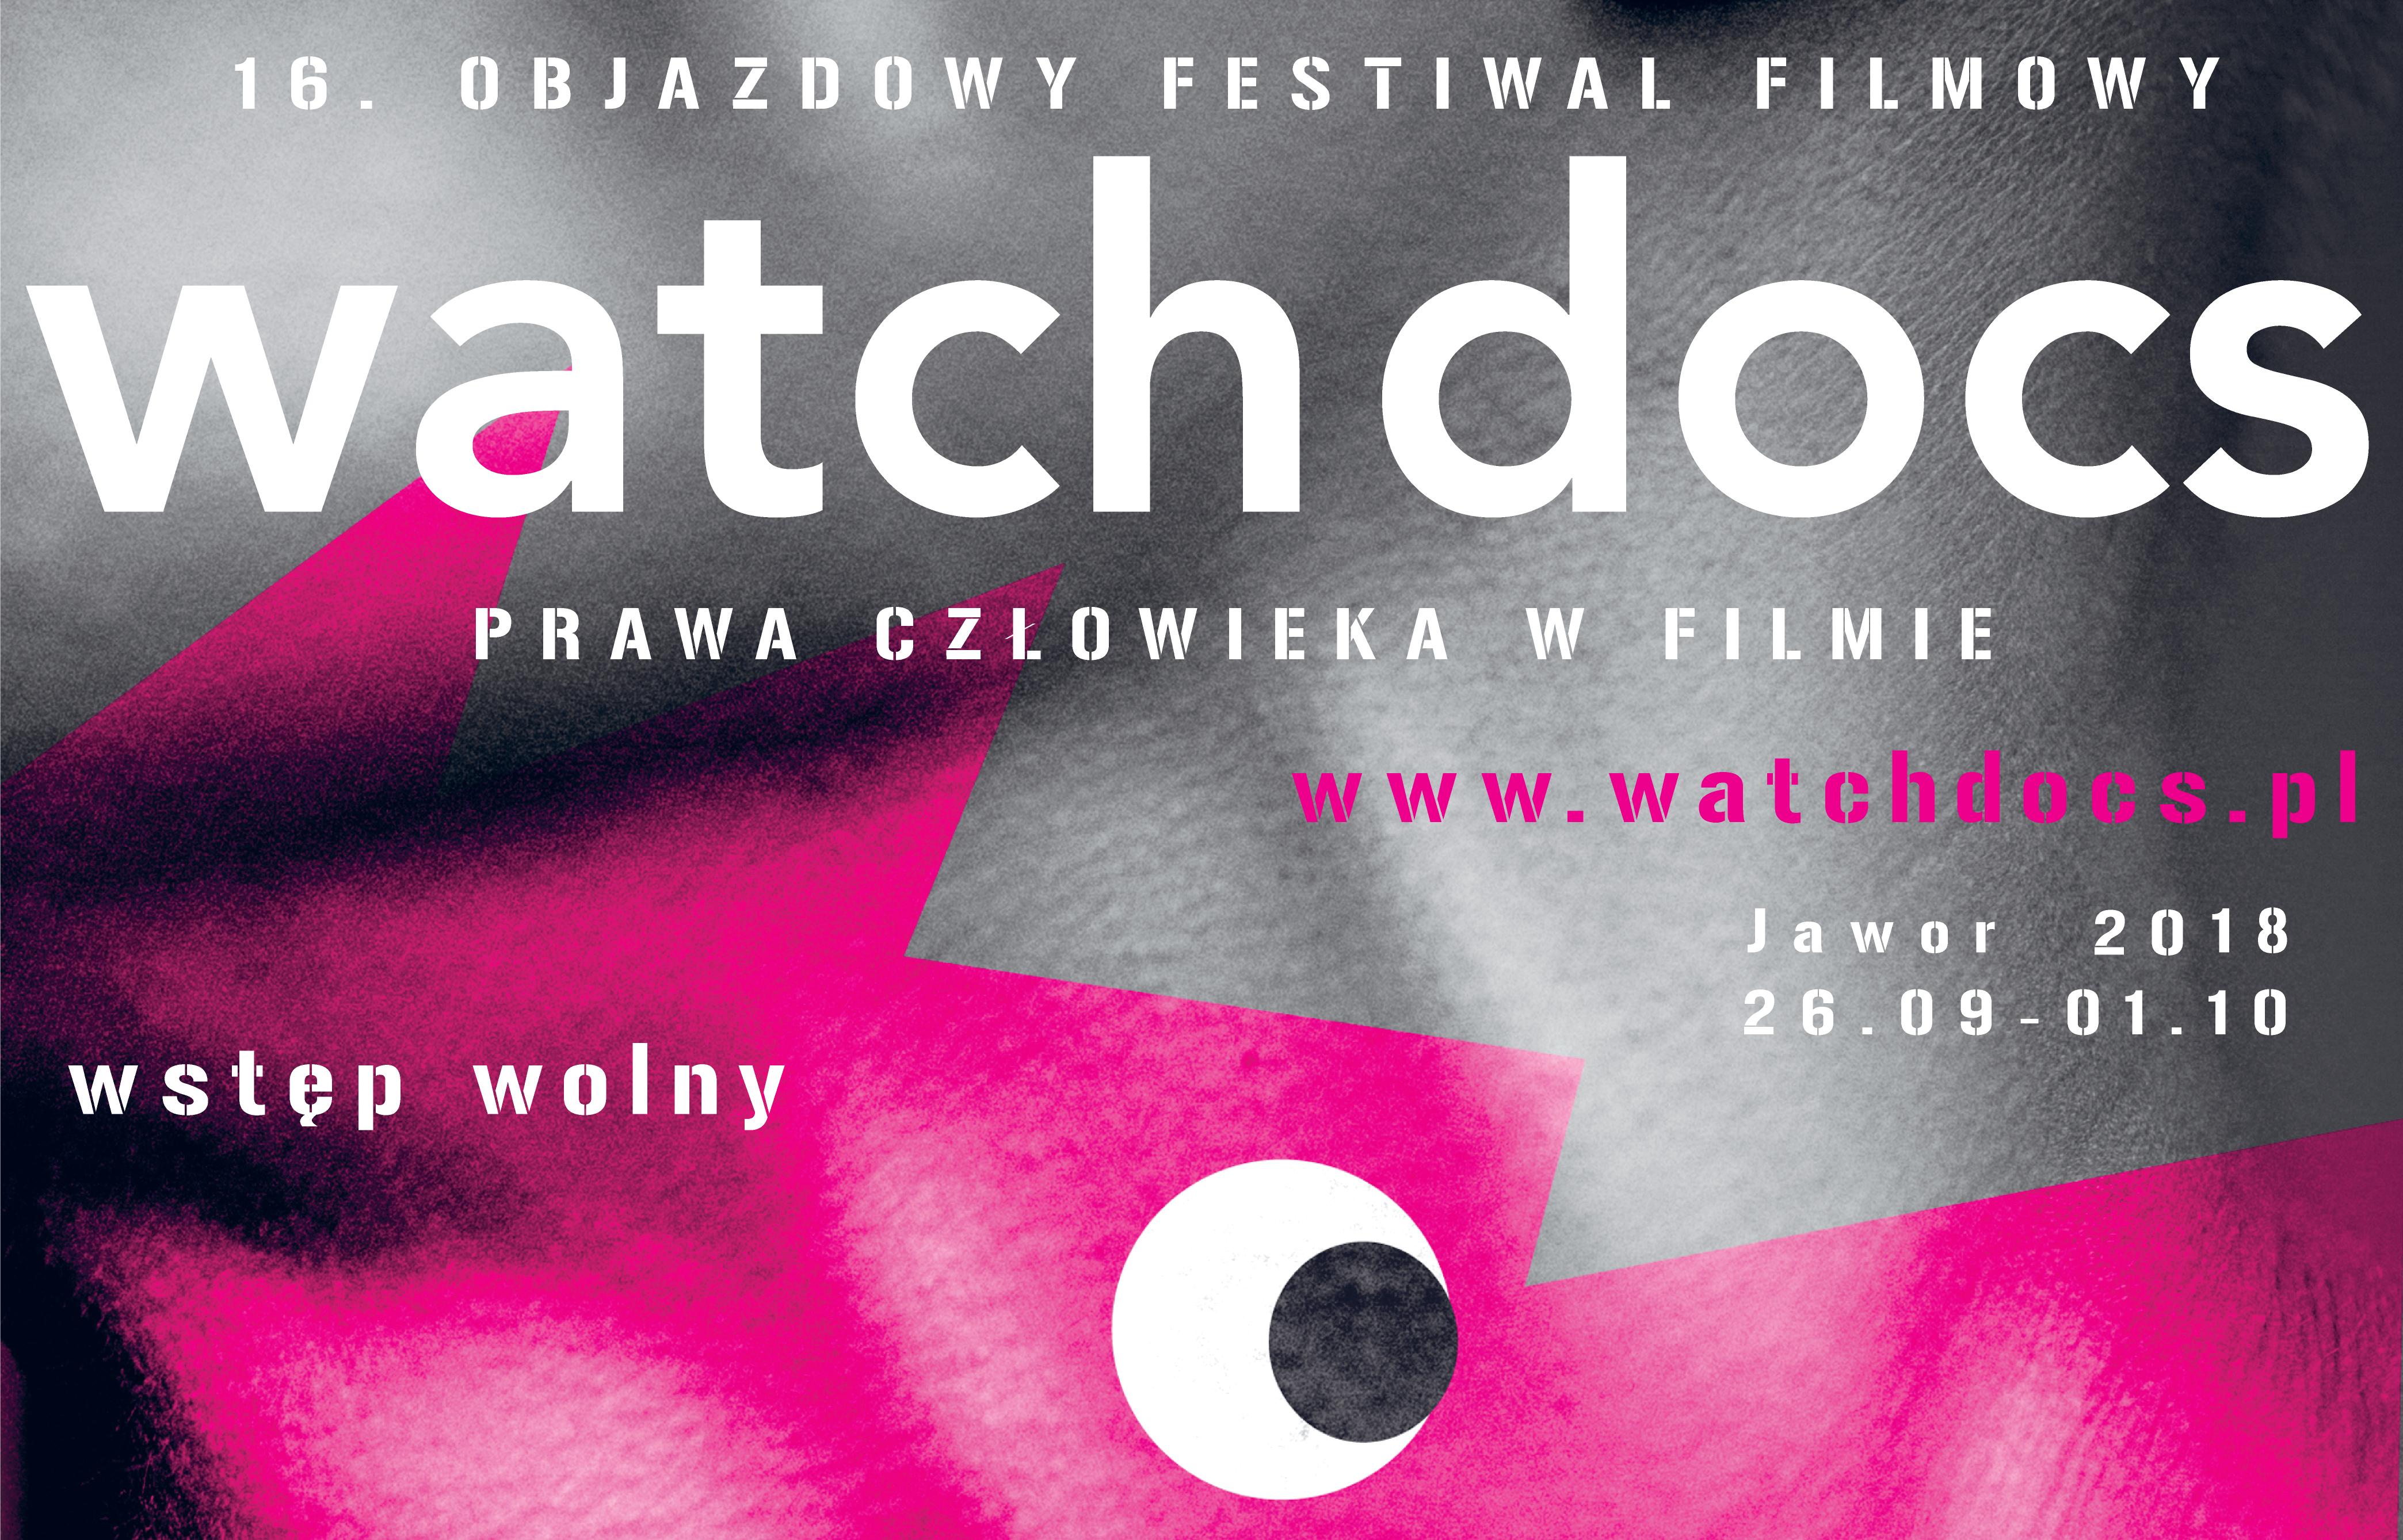 Plan 16. Objazdowego Festiwalu Filmowego WATCH DOCS. Prawa Człowieka w Filmie, Jawor 26.09-01.10.2018